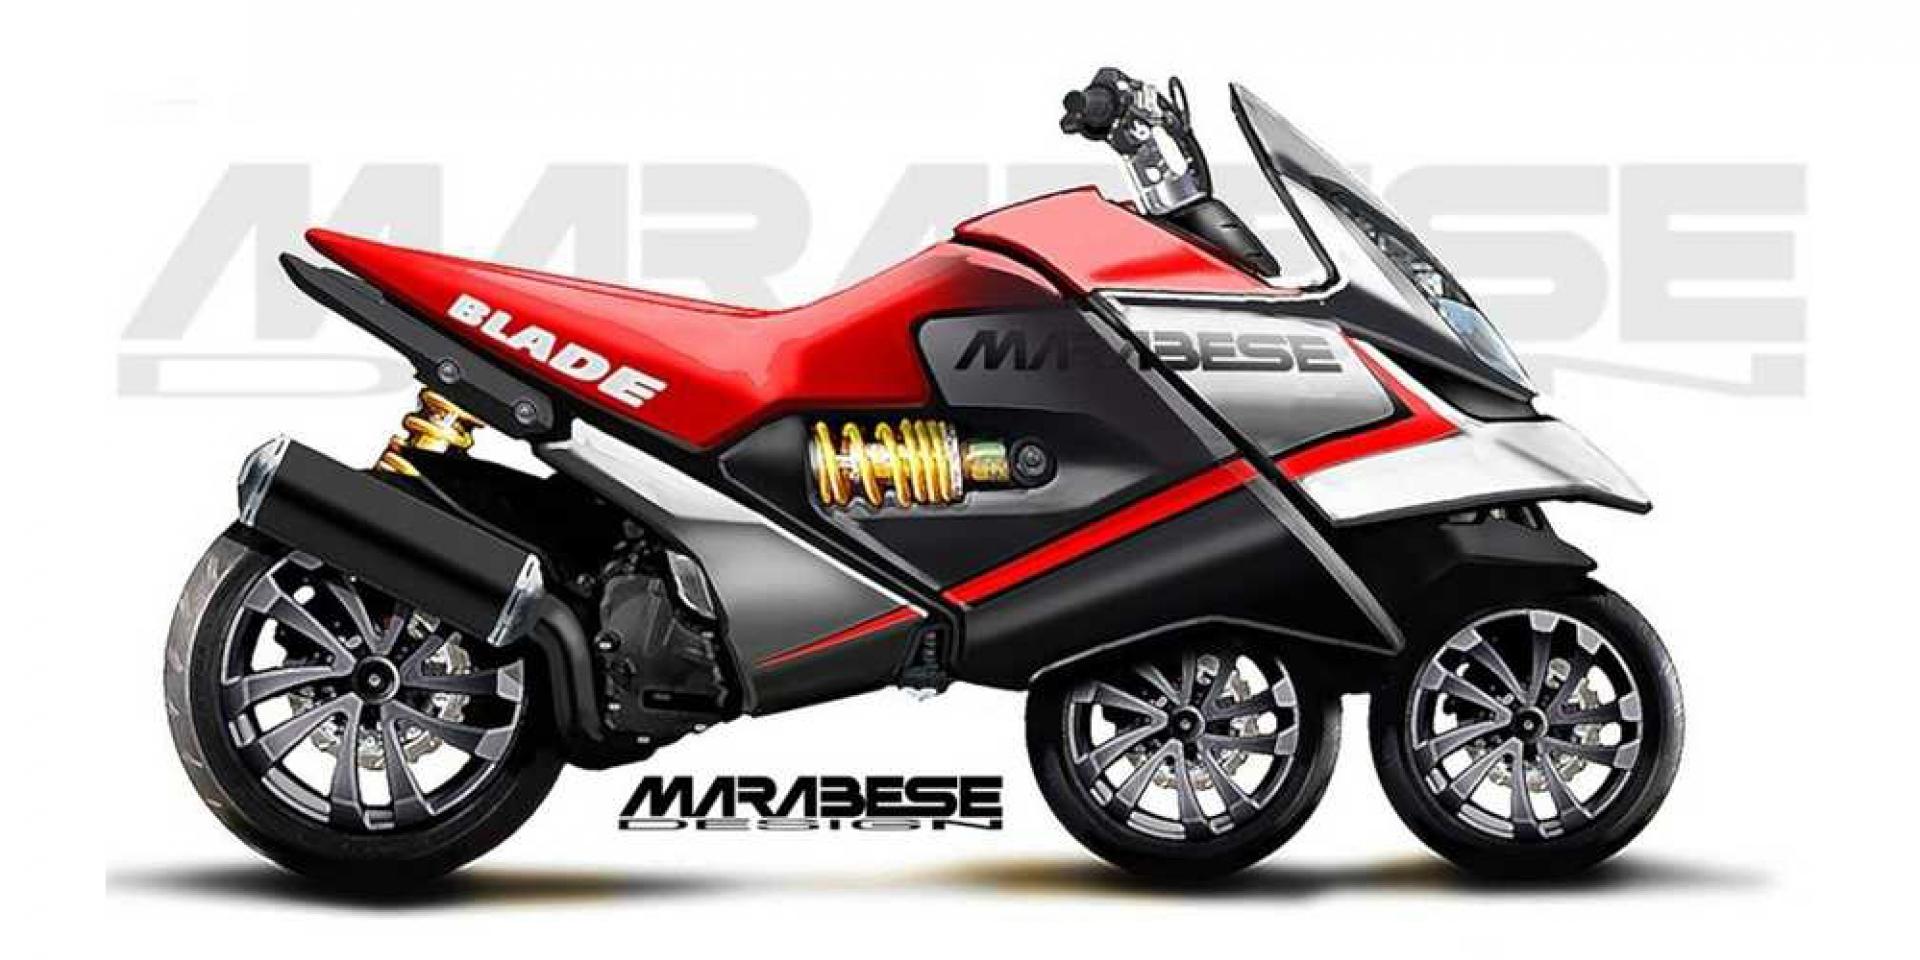 這個三輪車我不懂!Marabese Blade Bike採用直列的三輪設計!